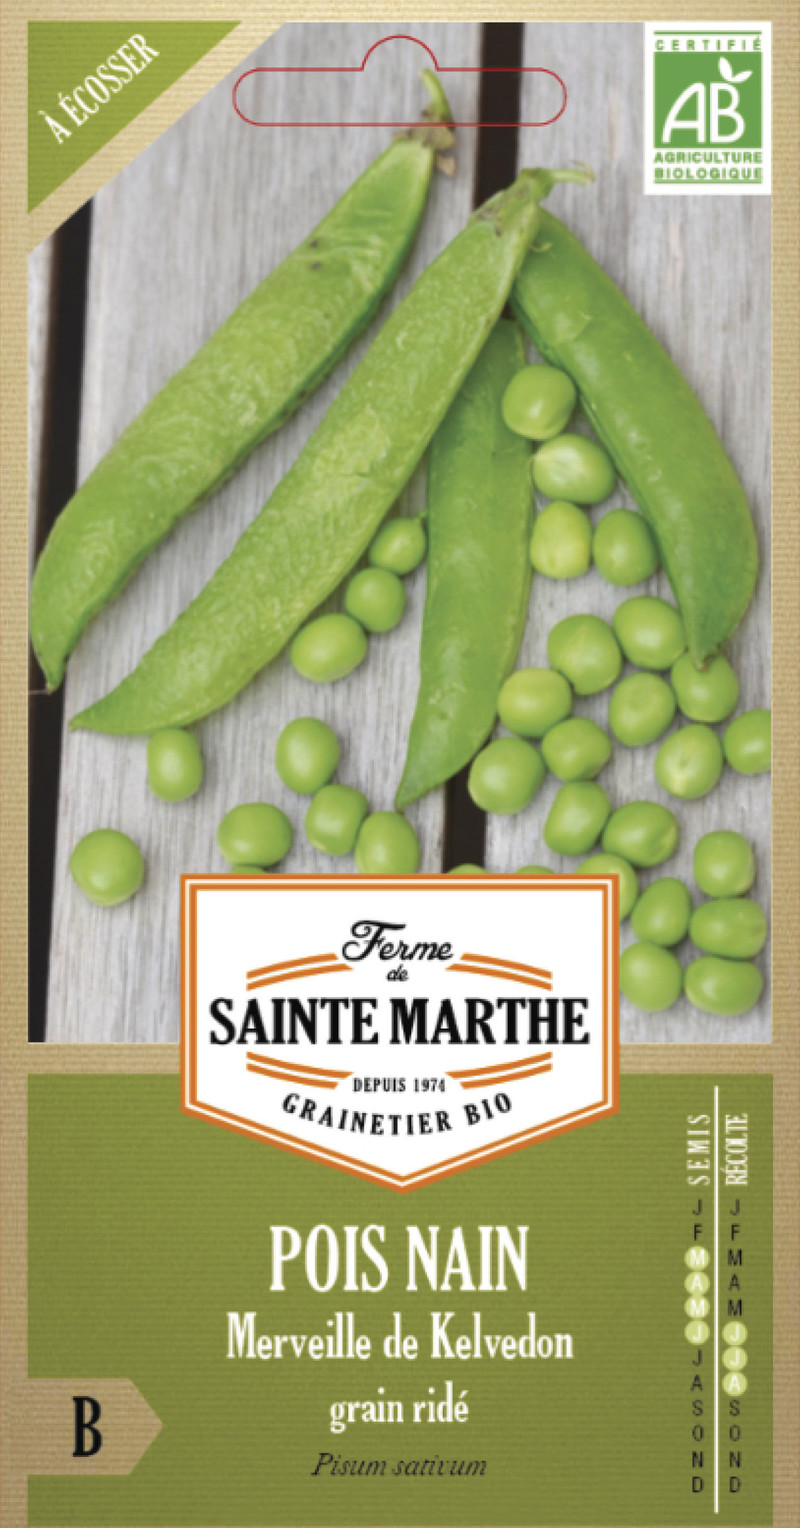 pois nain merveille de kelvedon grain ridé bio la ferme de sainte marthe graine semence potager - Voir en grand